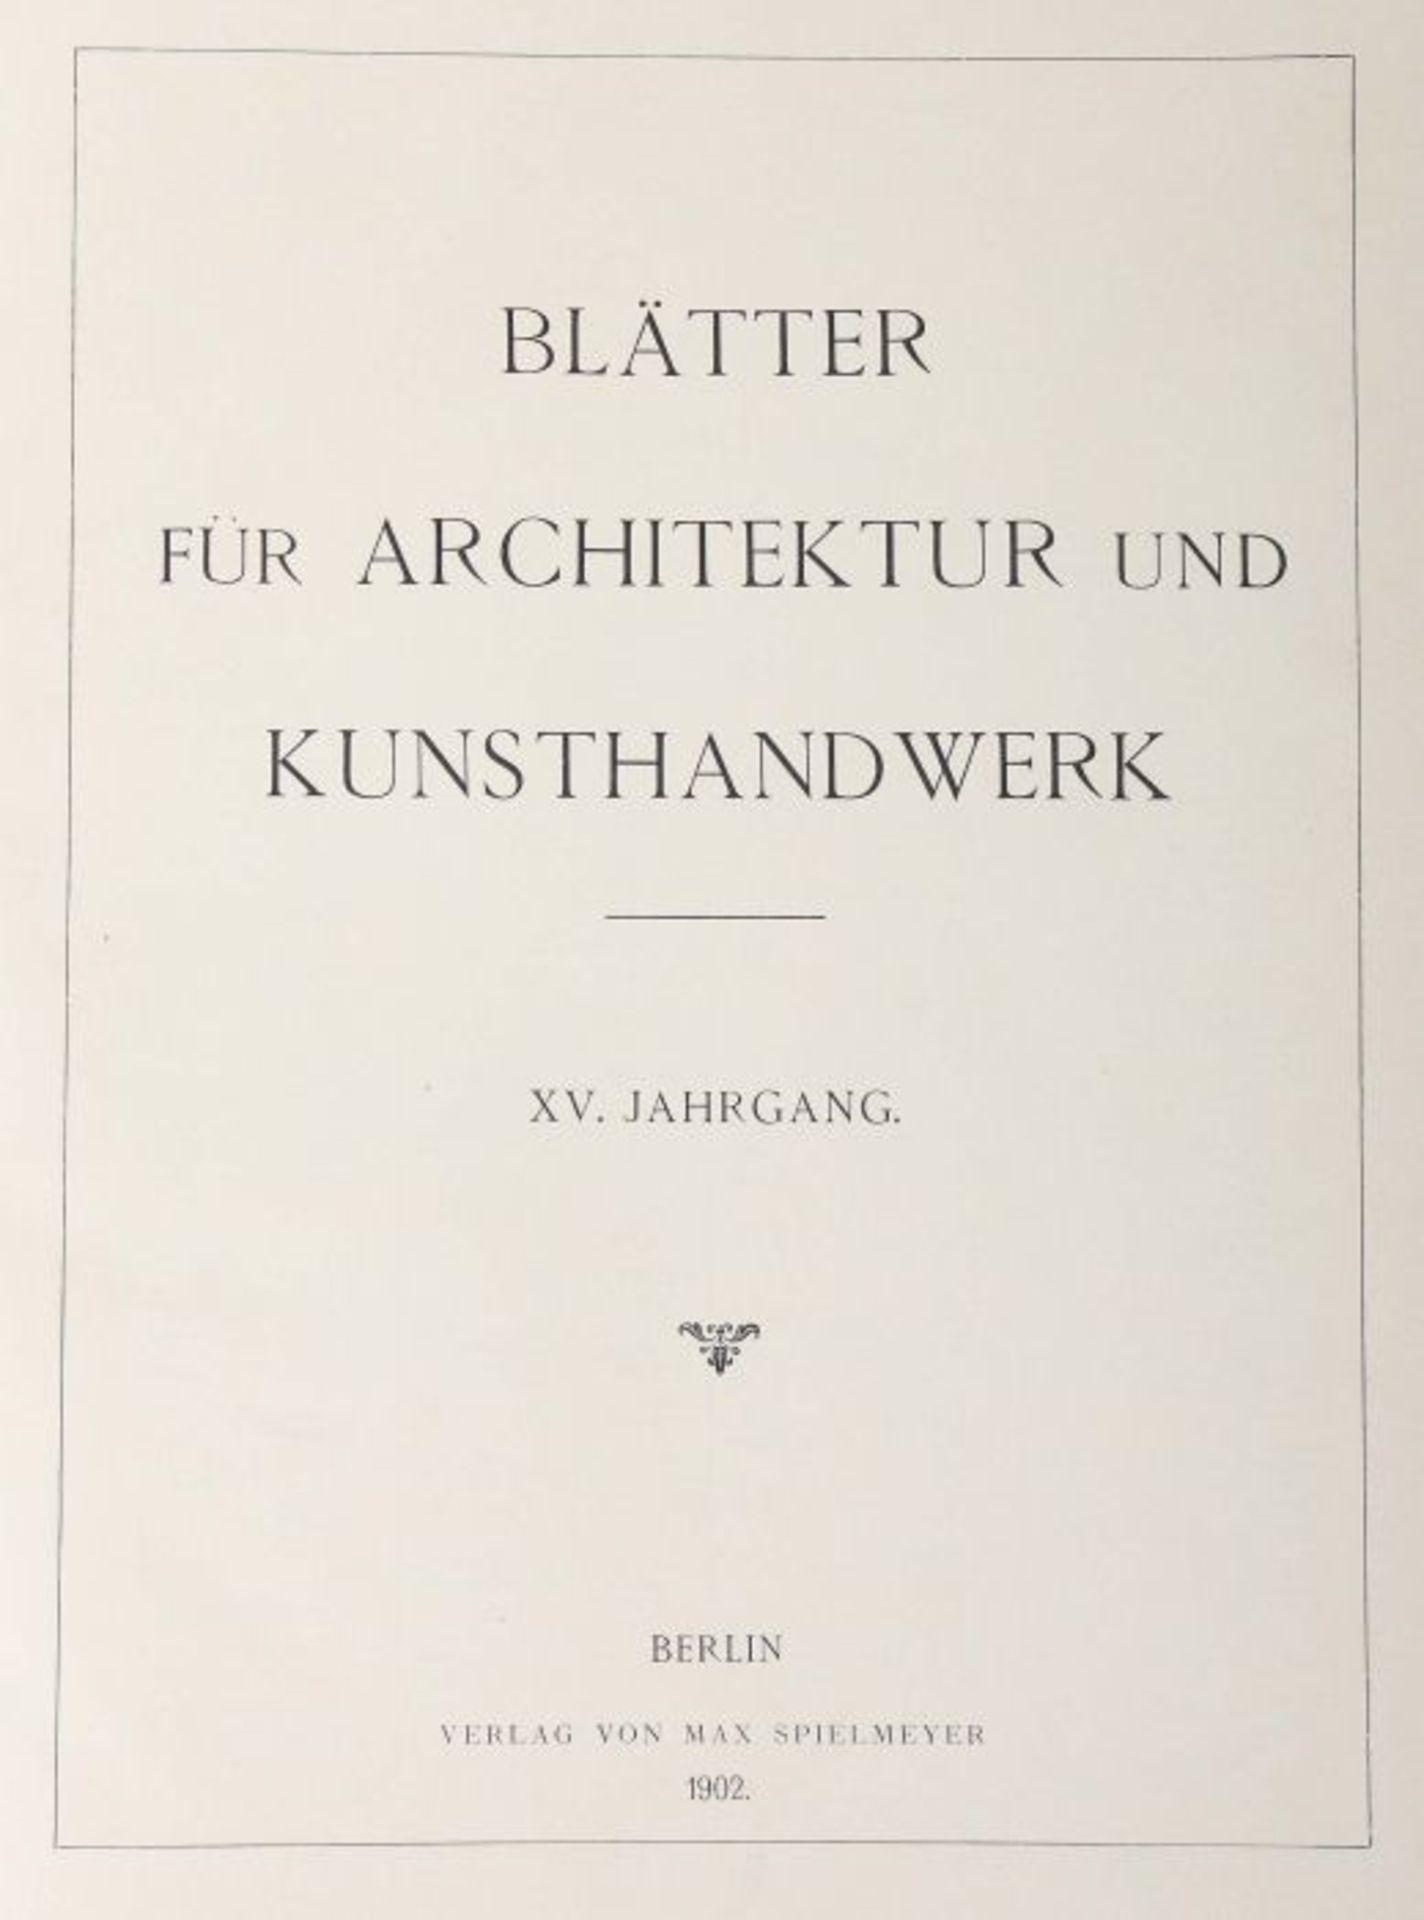 Blätter für Architektur und Kunsthandwerk Oldenbourg/Spielmeyer, Berlin, 1900-02, 3 Bde., je mit - Bild 4 aus 6